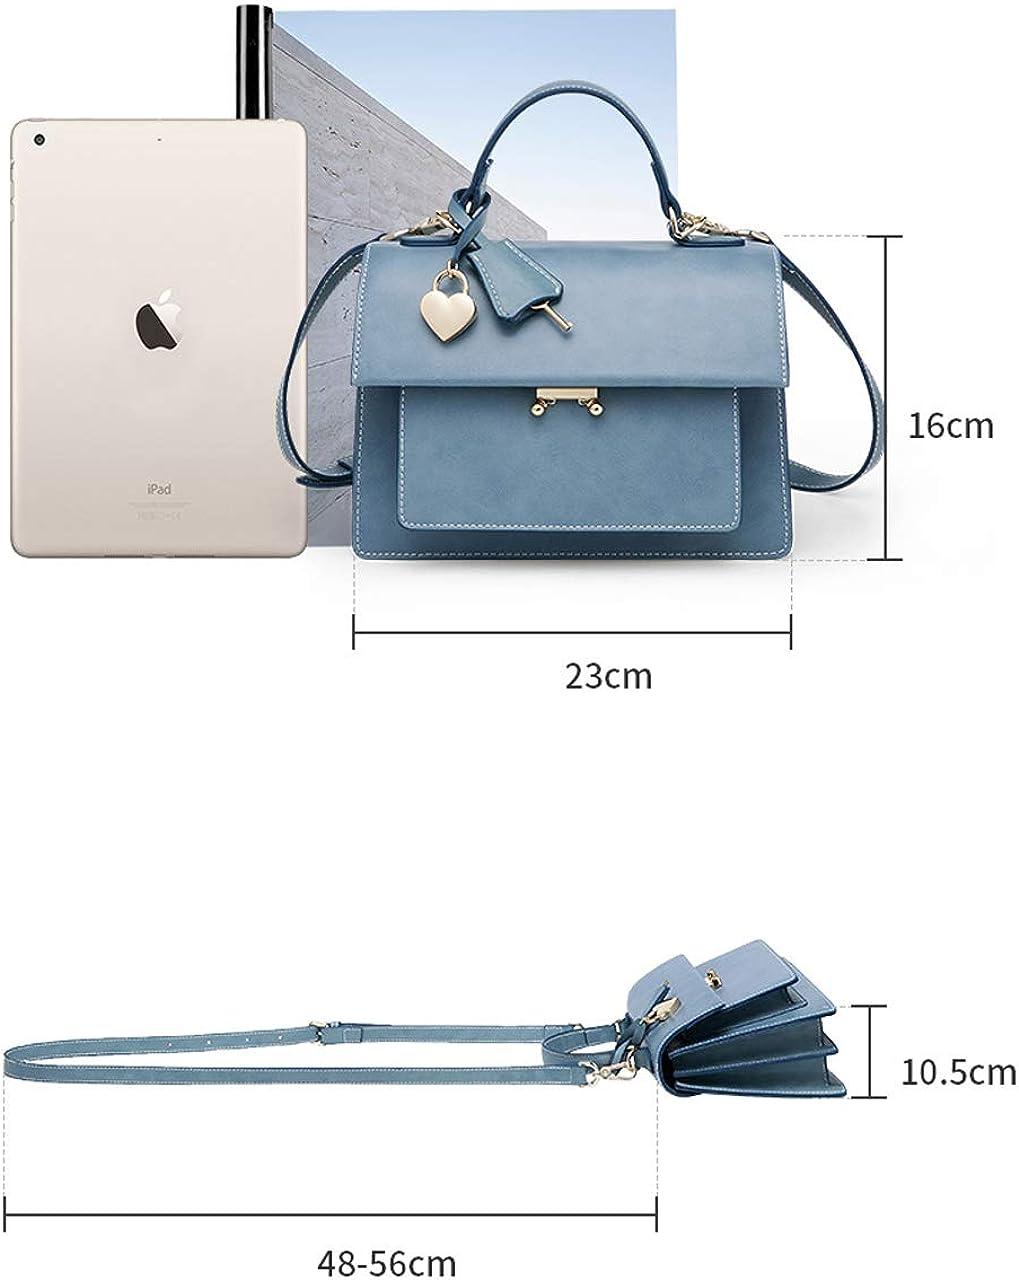 Borsa a tracolla da donna alla moda, borsa a tracolla stile elegante borsa piccola borsa quadrata di grande capacità, adatta per acquisti e appuntamenti di shopping Brown